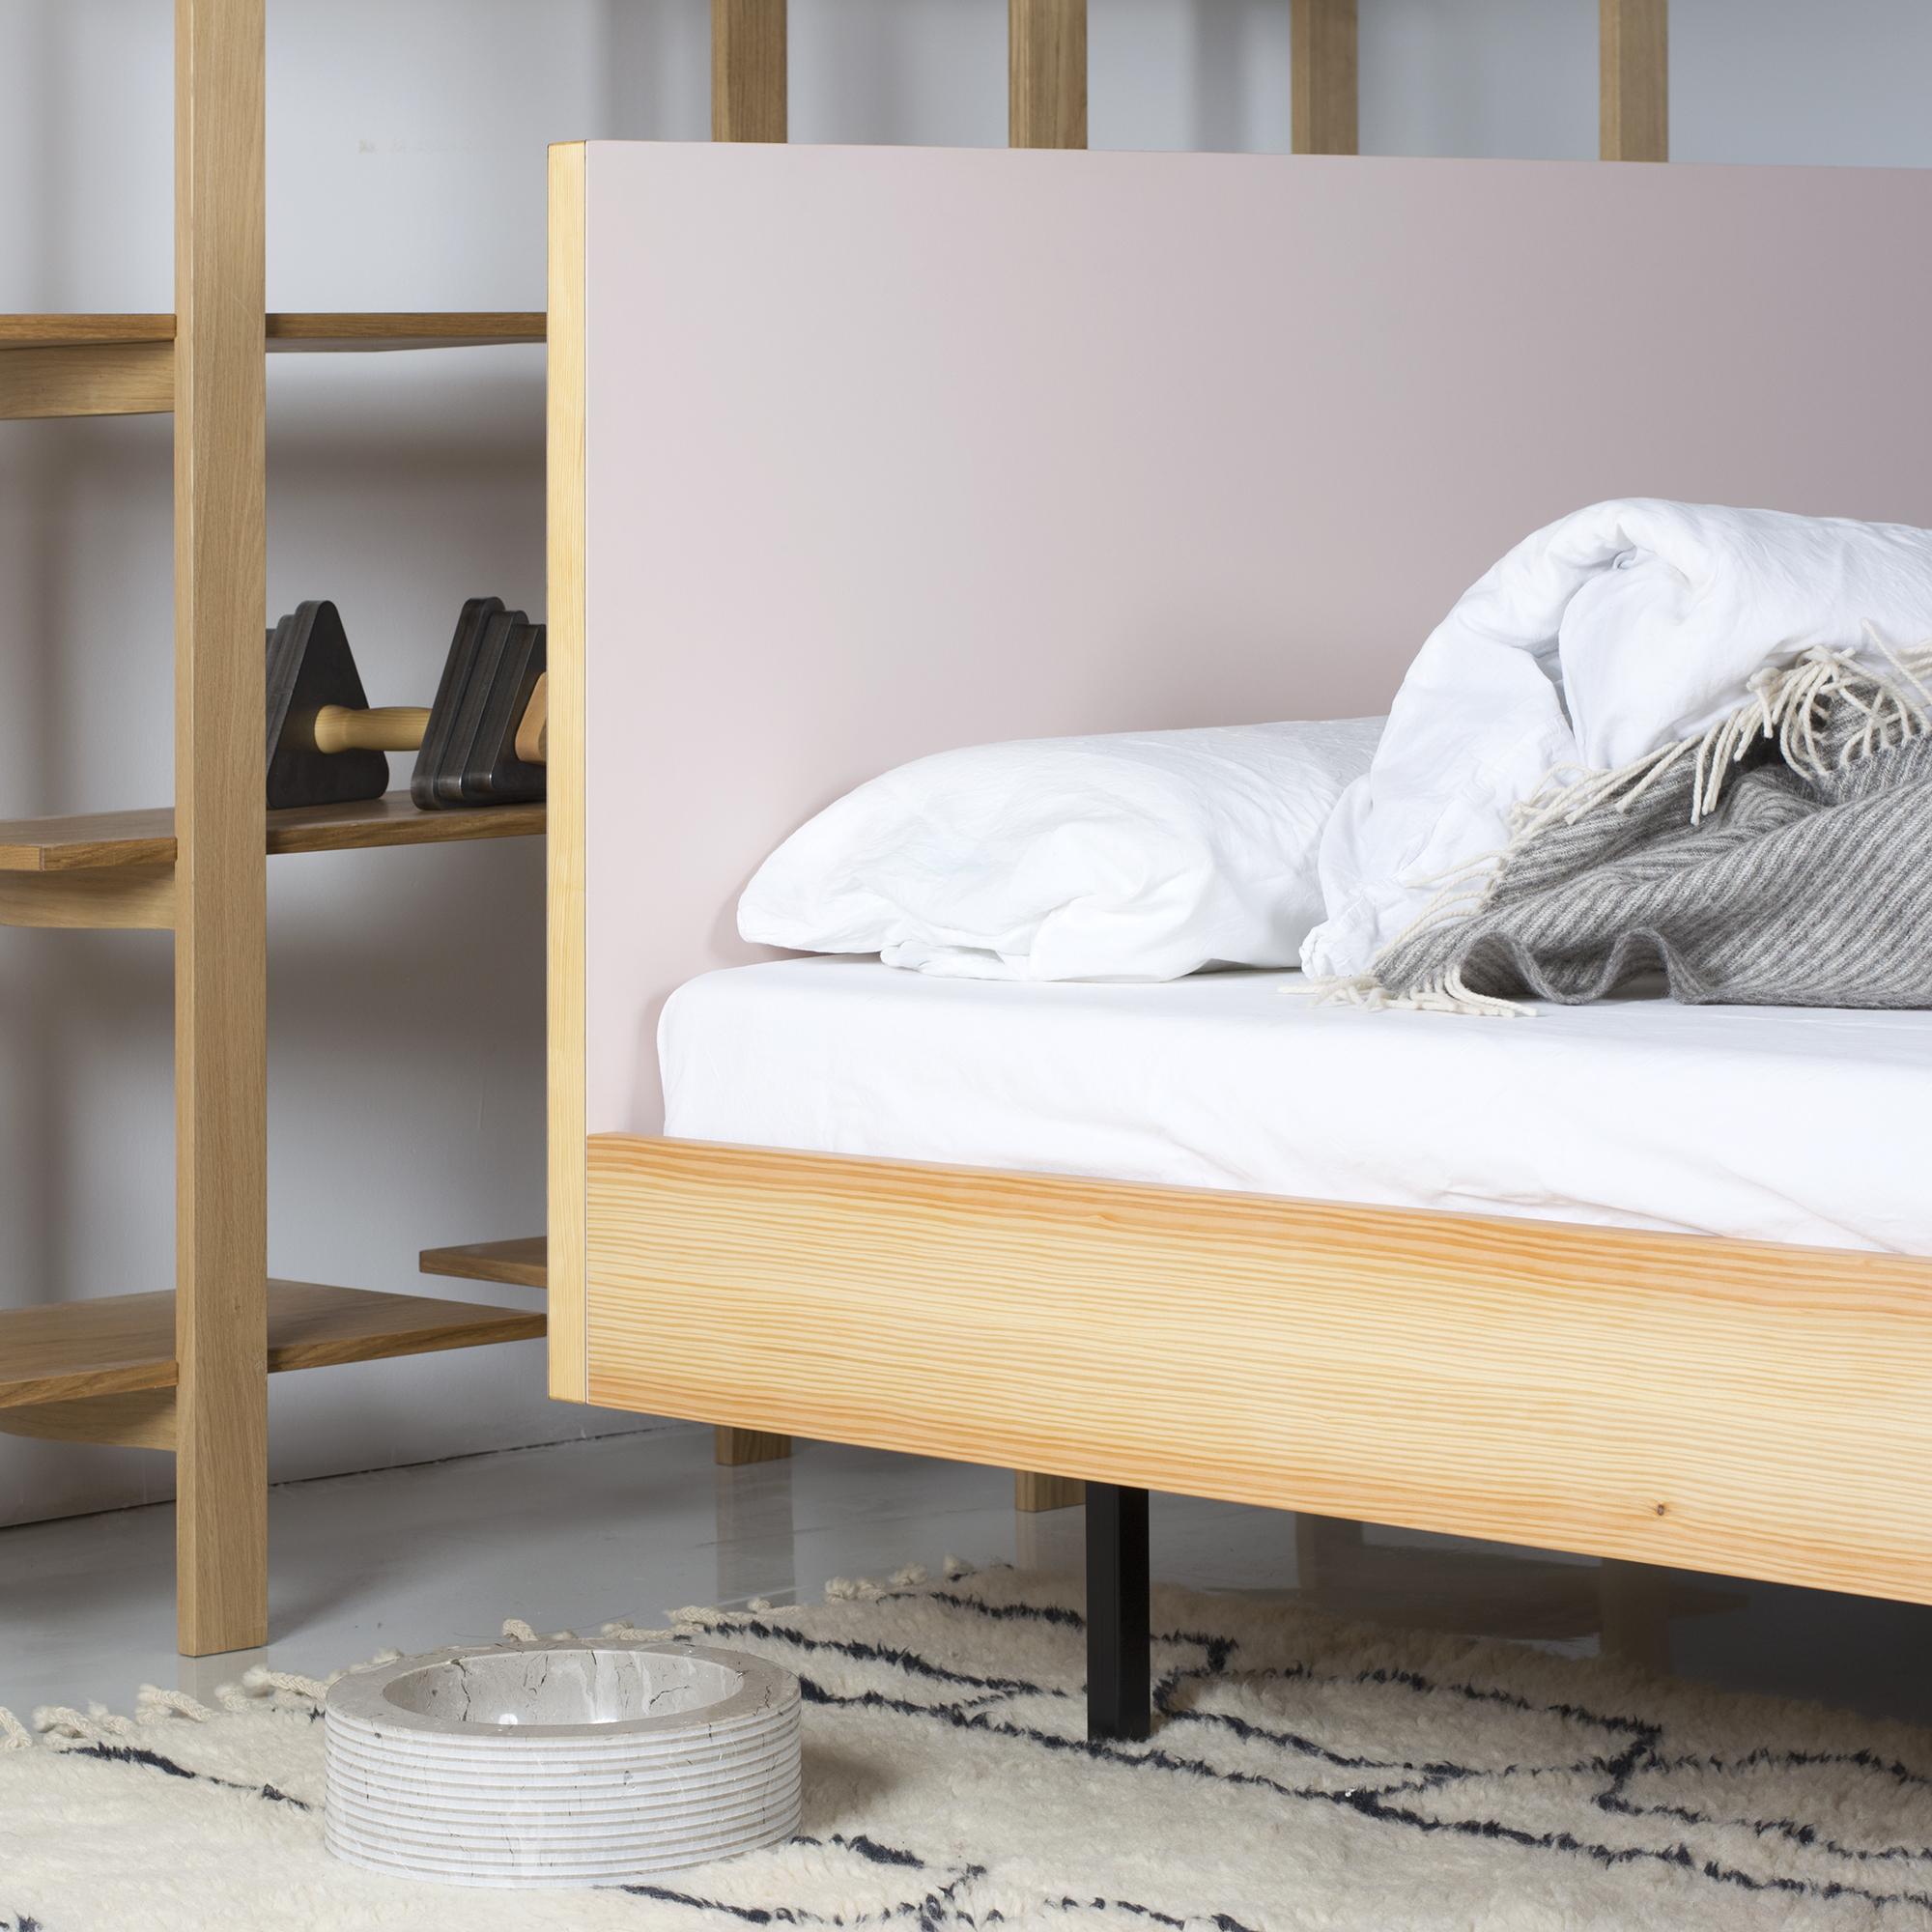 Schlafzimmer mit Unidorm und Tonus